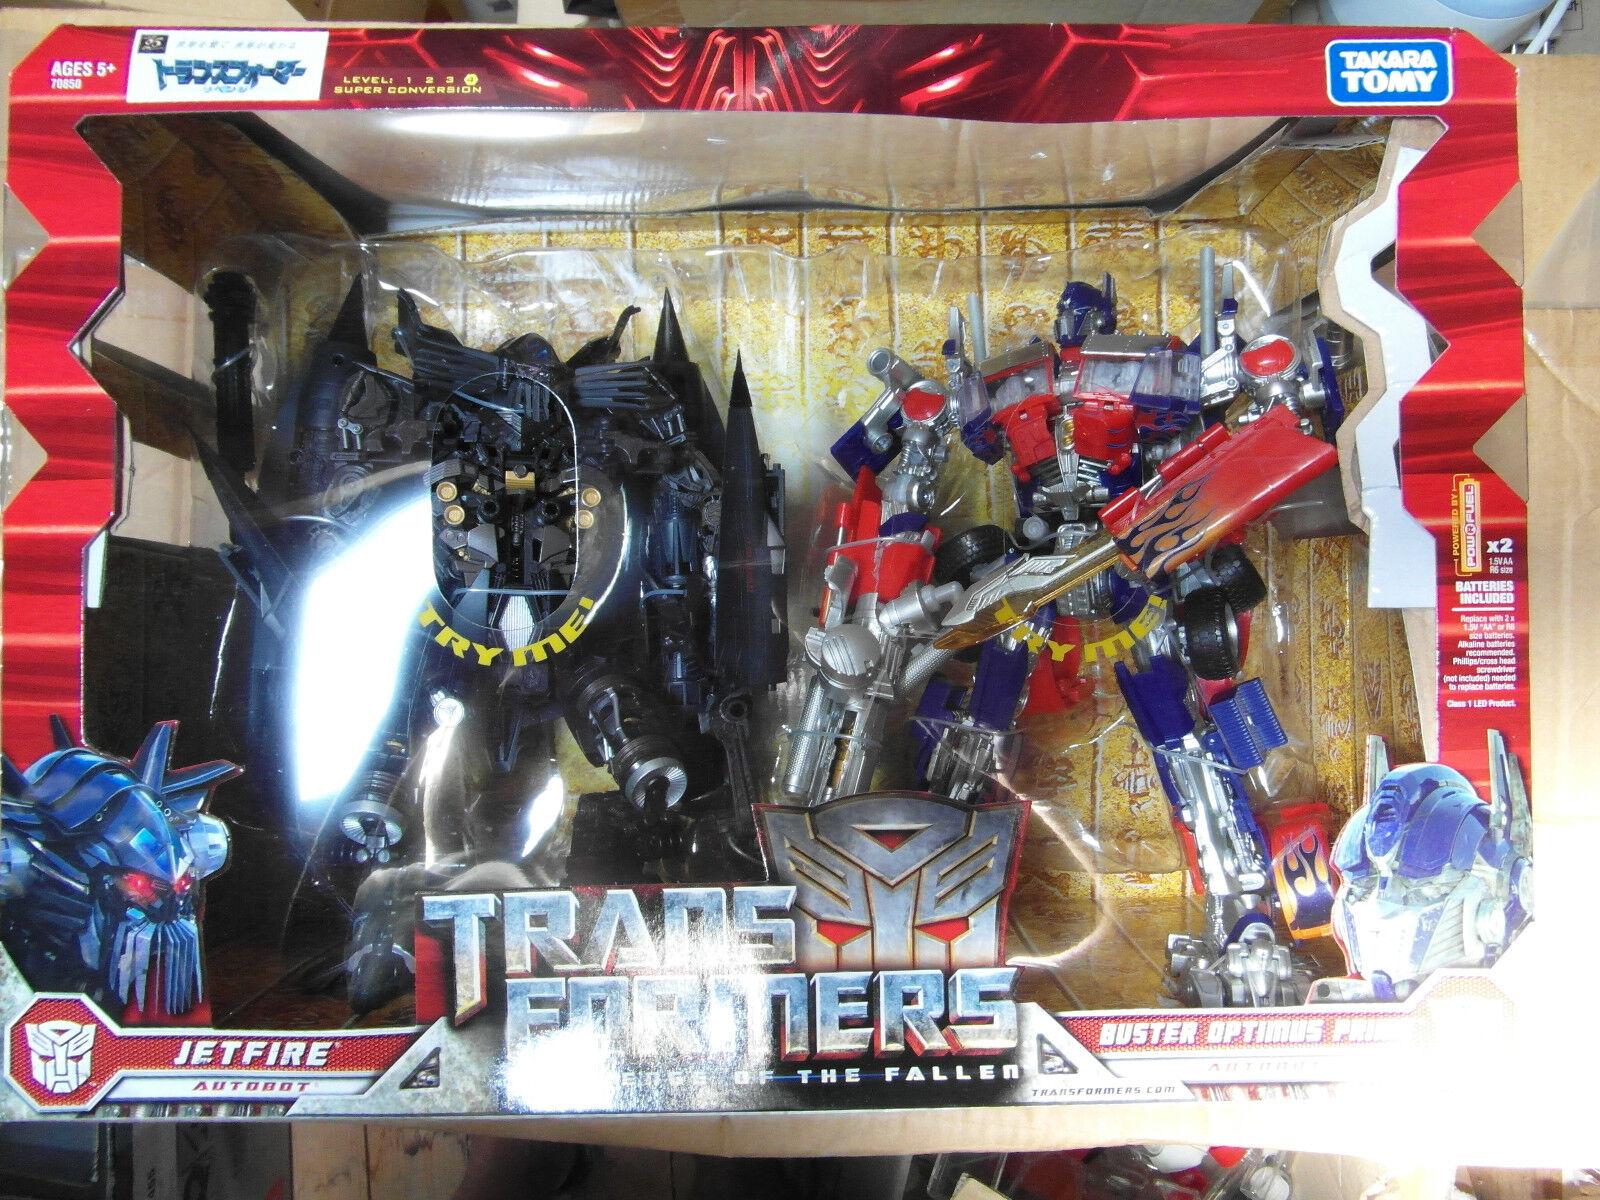 Venta al por mayor barato y de alta calidad. Transformers rojof Buster Optimus Prime Prime Prime + Jetfire set misb Takara  ¡envío gratis!